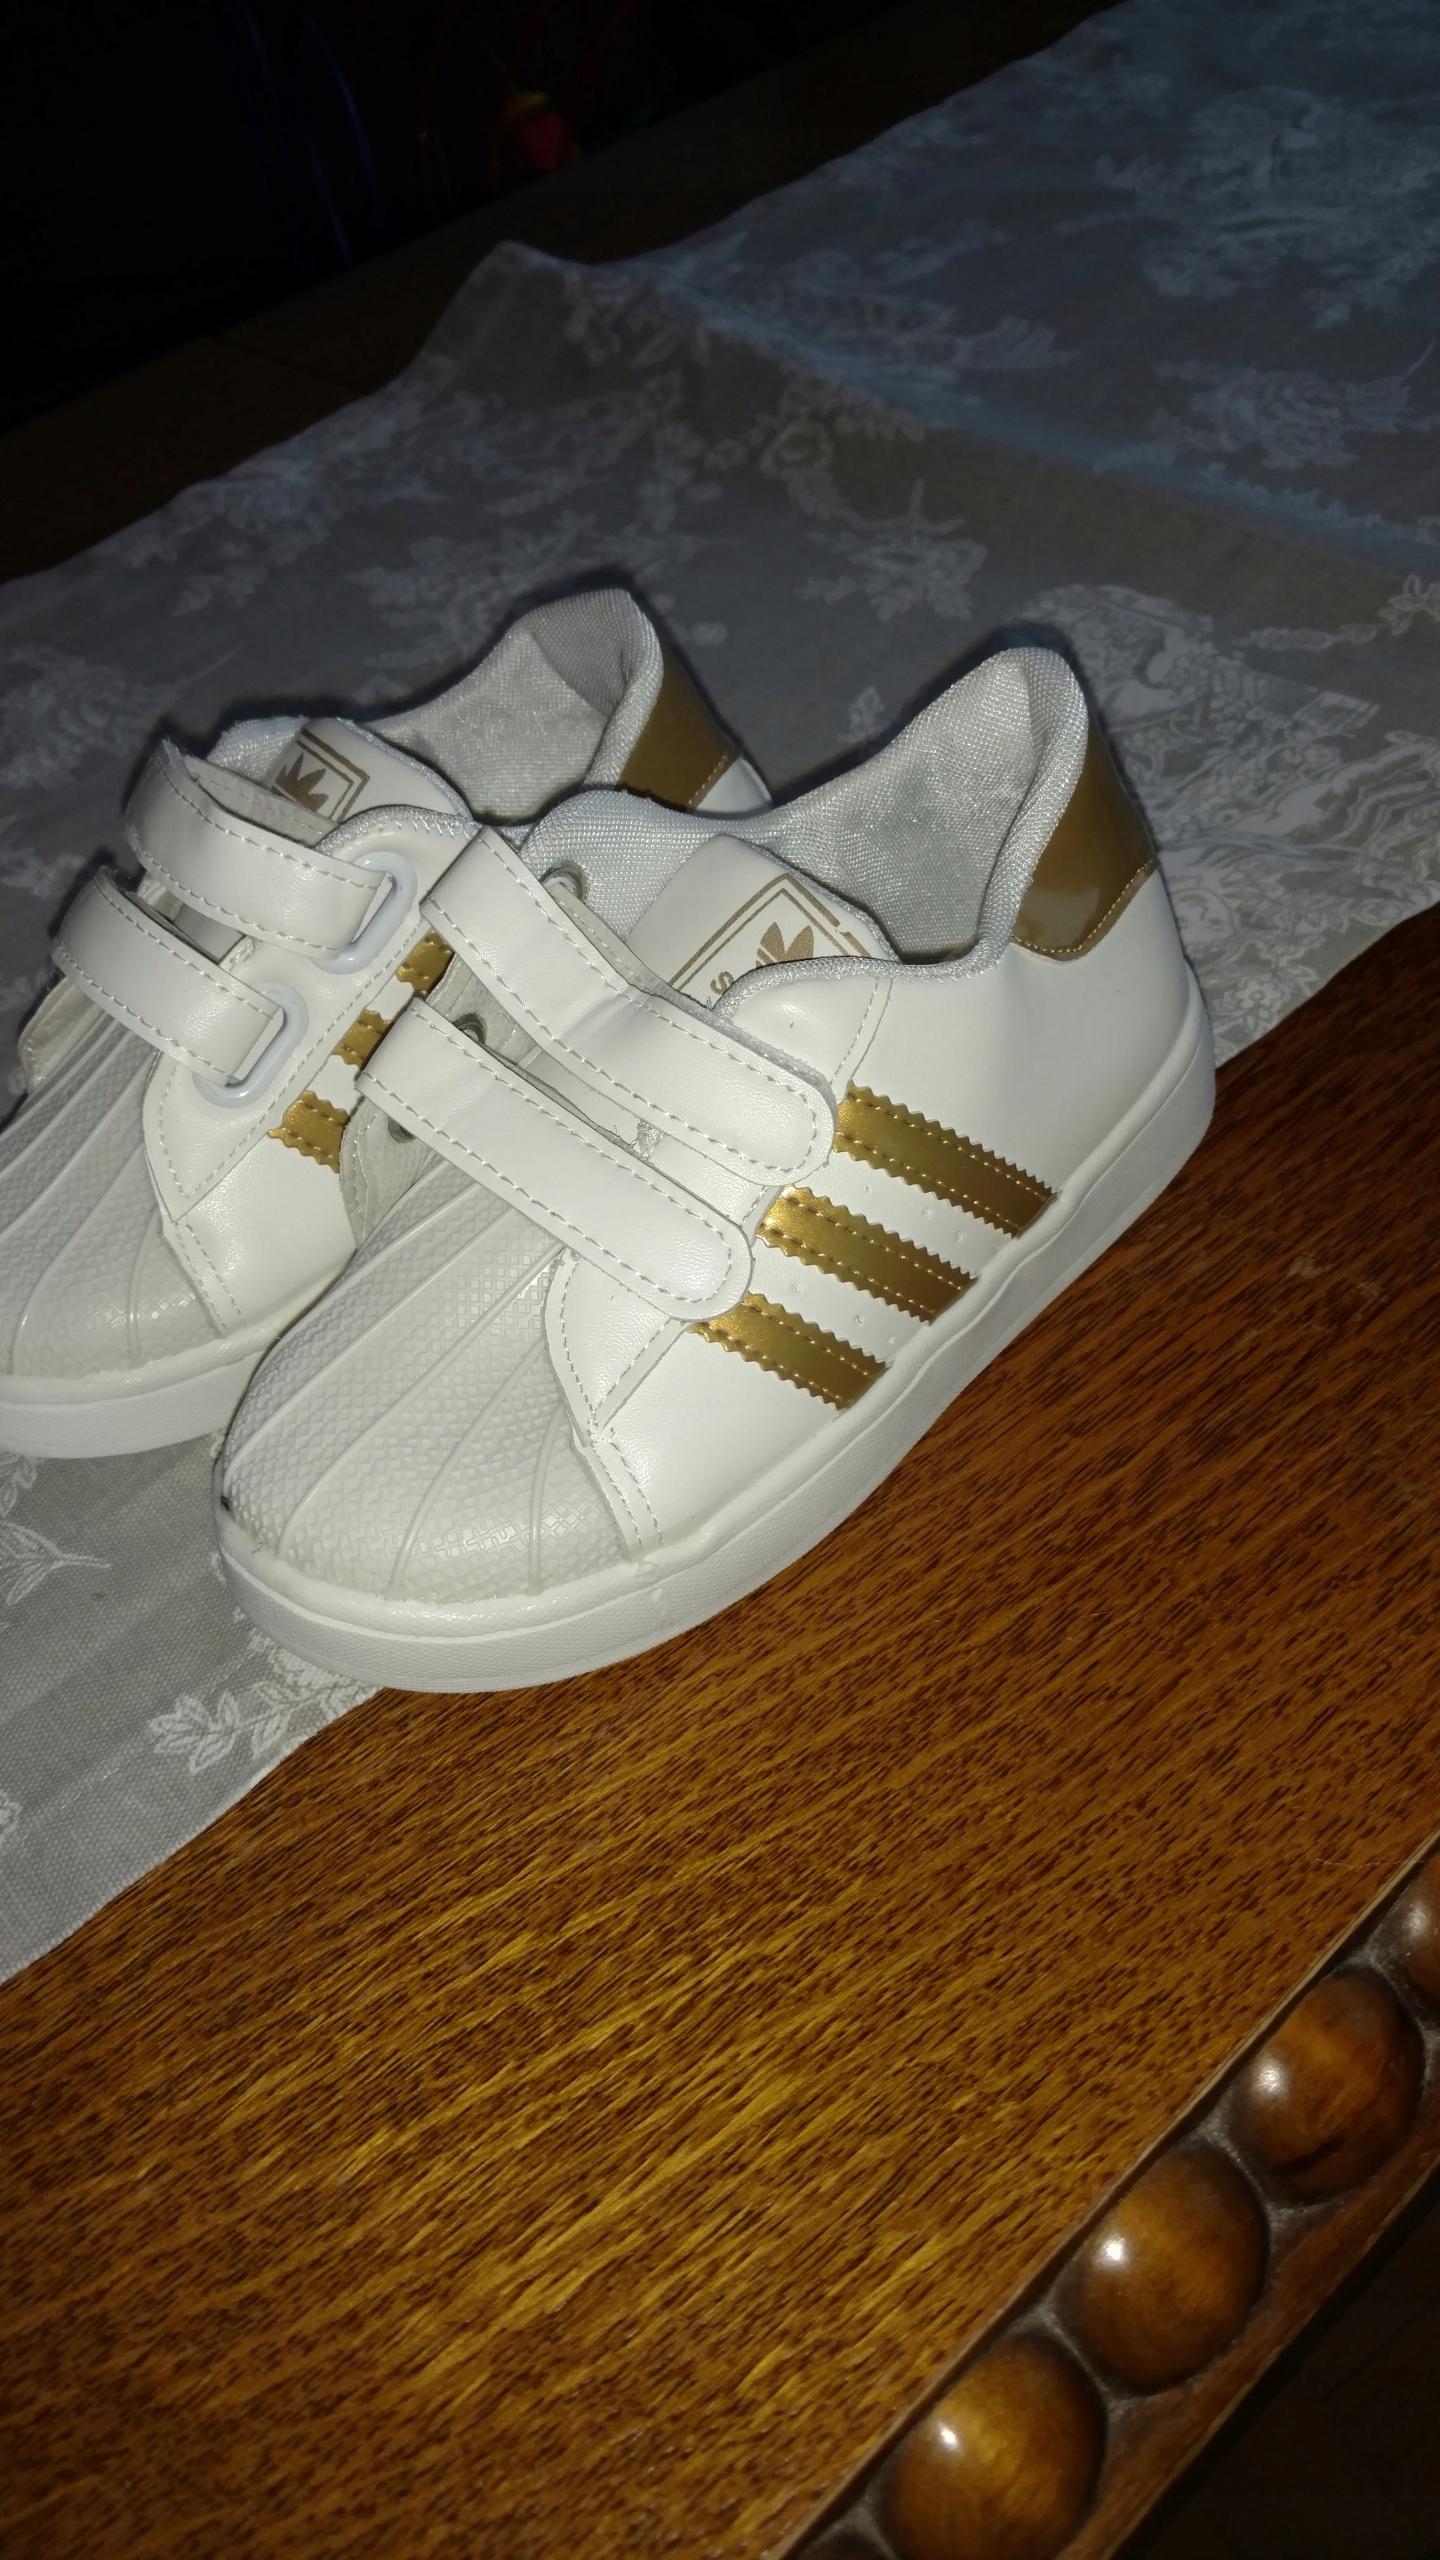 3dcca4b066414 Superstar Oficjalne Archiwum Adidas Allegro 7588659301 Buty Dziecka PgxaZaB